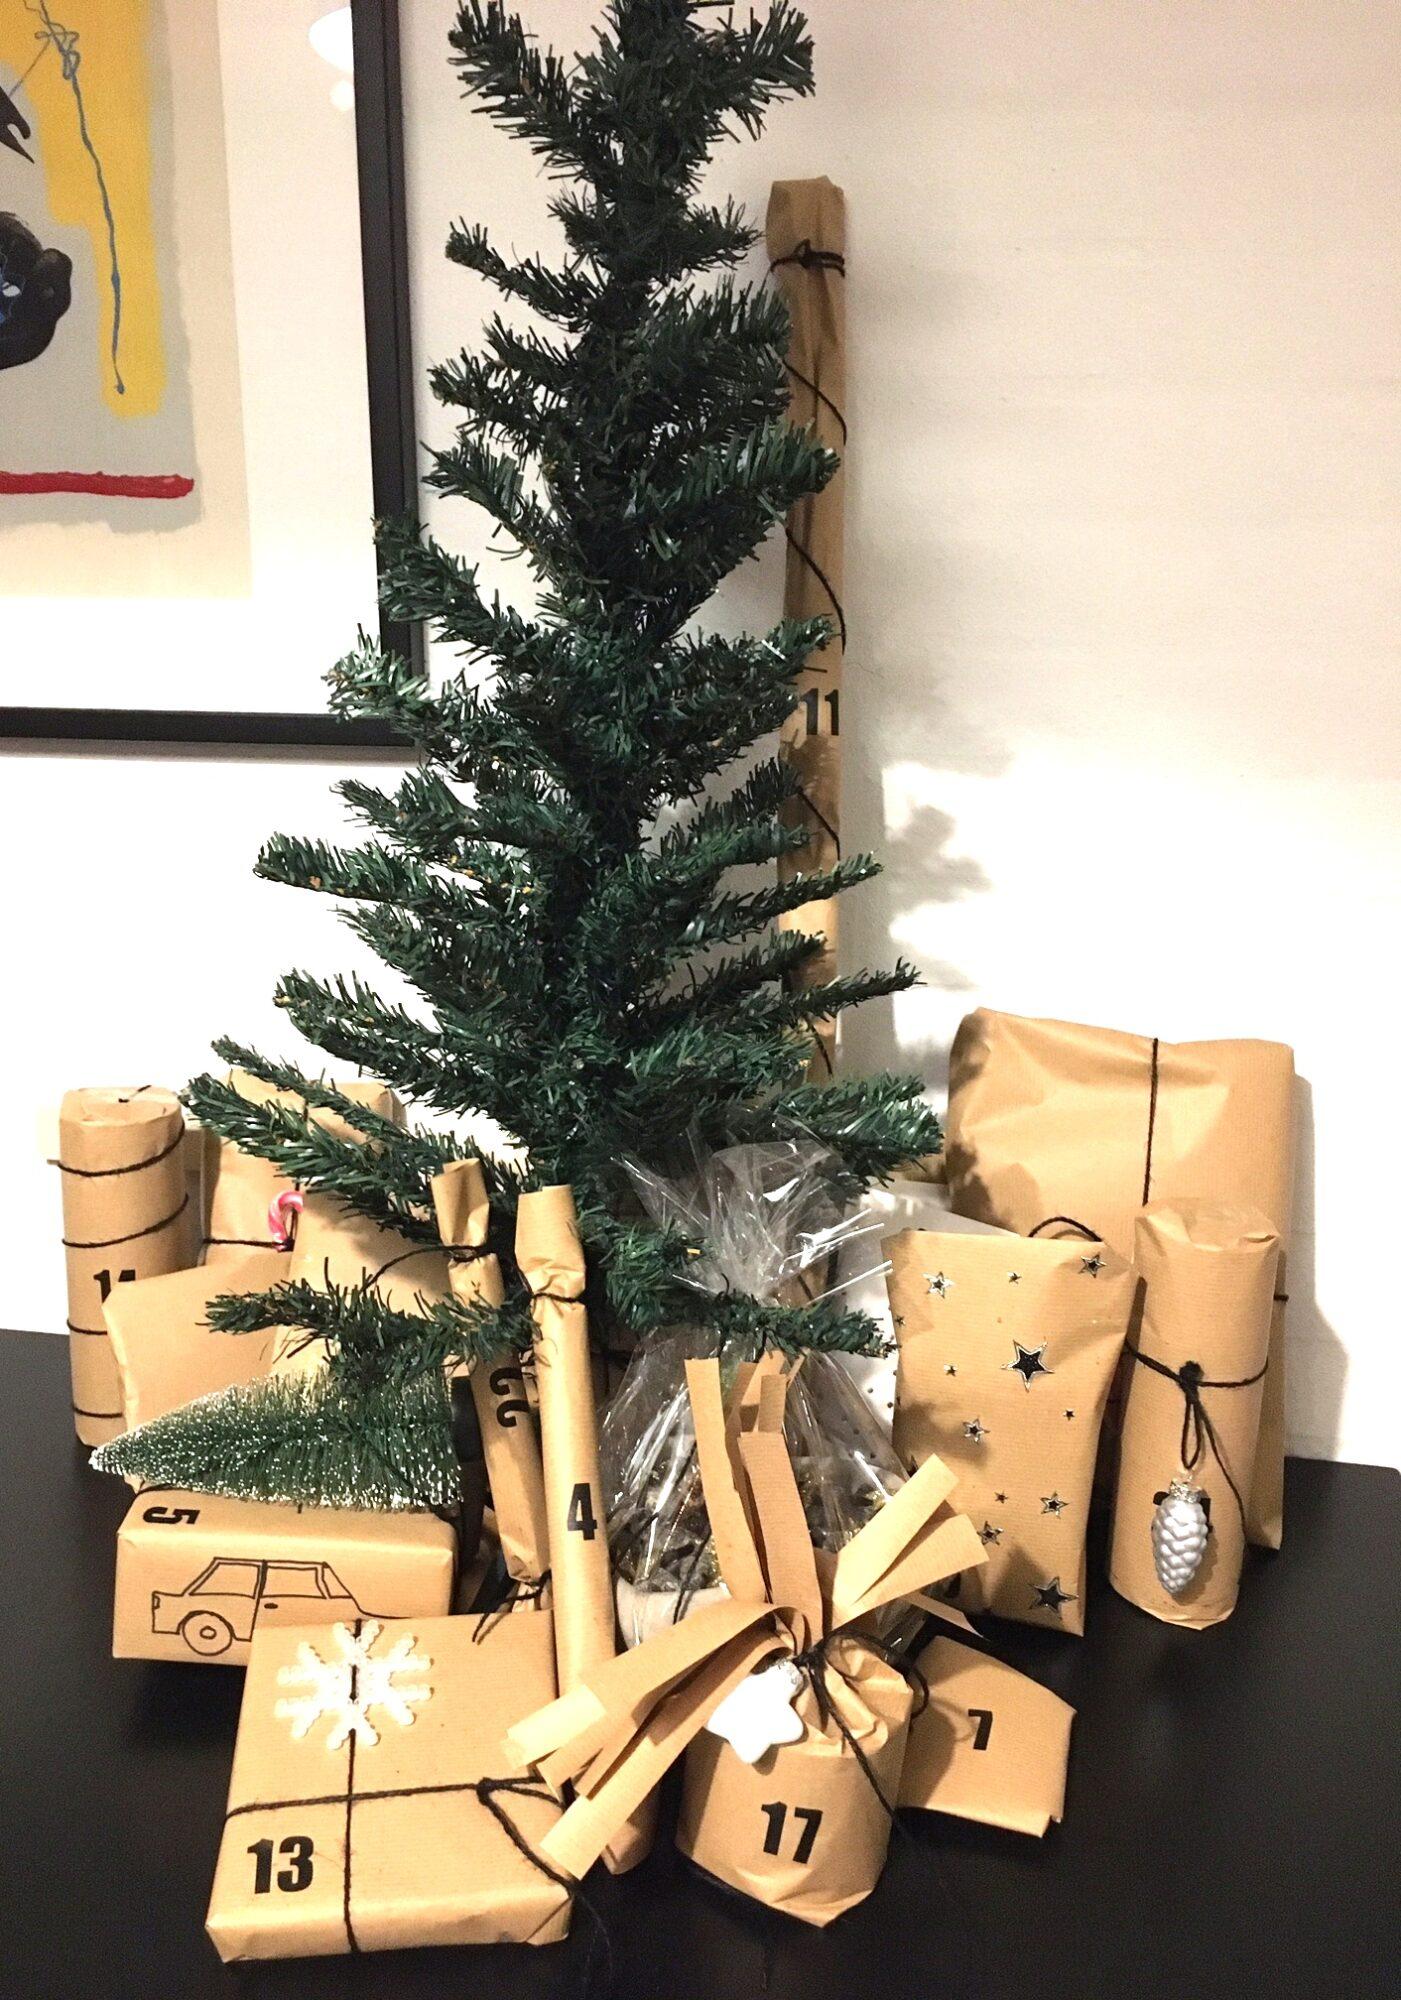 Juletræspakkekalender